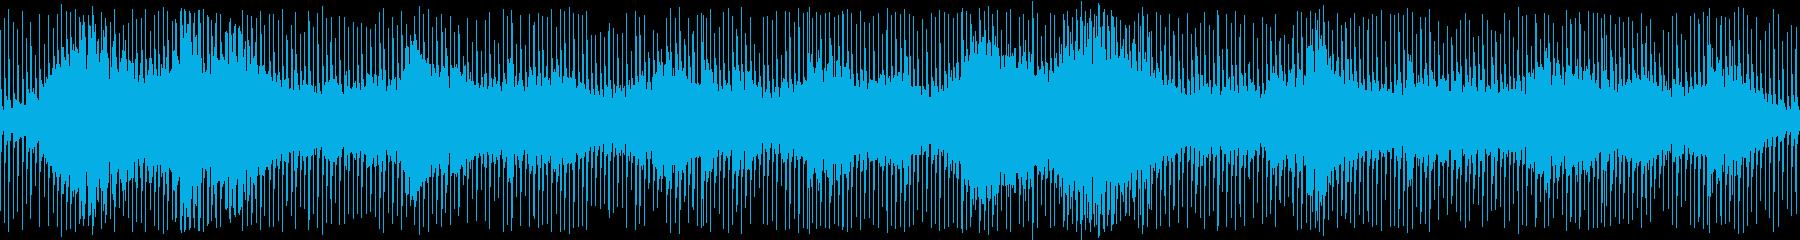 絶対零度ホラー 雪山遭難ノベル ループの再生済みの波形